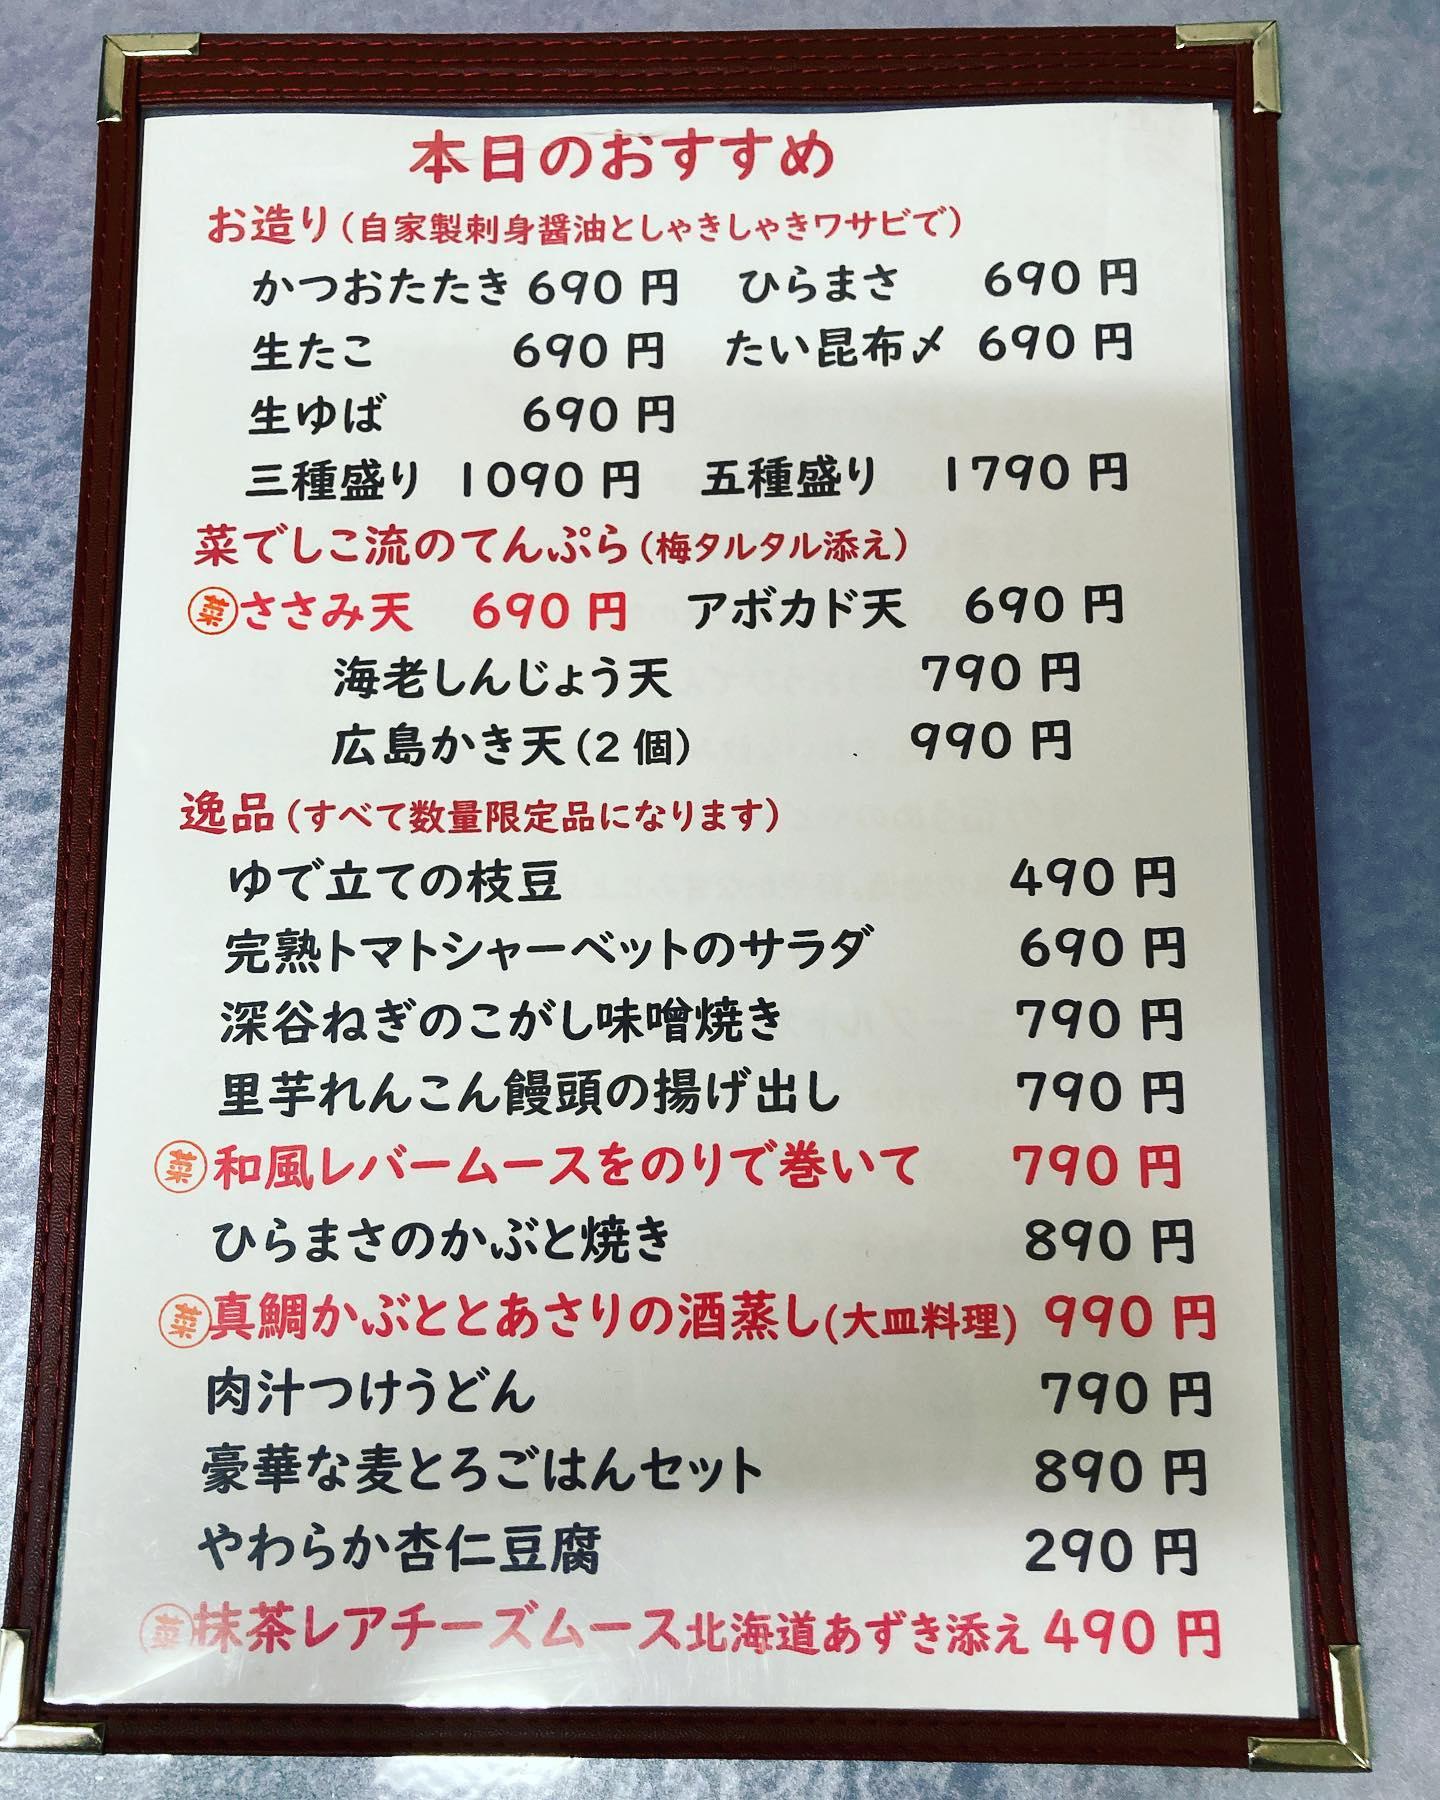 [おはしどころ菜でしこ] 〜本日のおすすめです!〜   新メニュー続々です    赤字のものが特におすすめですが、  ホントは全部おすすめしたいですね〜     #おはしどころ菜でしこ #本庄駅南口ロータリー内 月曜日定休 17:00オープン  #なでしこ #本庄女子会 #居酒屋 #本庄1人飲み #ほんじょうテイクアウト #テイクアウト #本庄テイクアウト #本庄出張料理 #本庄駅前テイクアウト #前橋 #籠原 #日本酒 #お通しが豪華